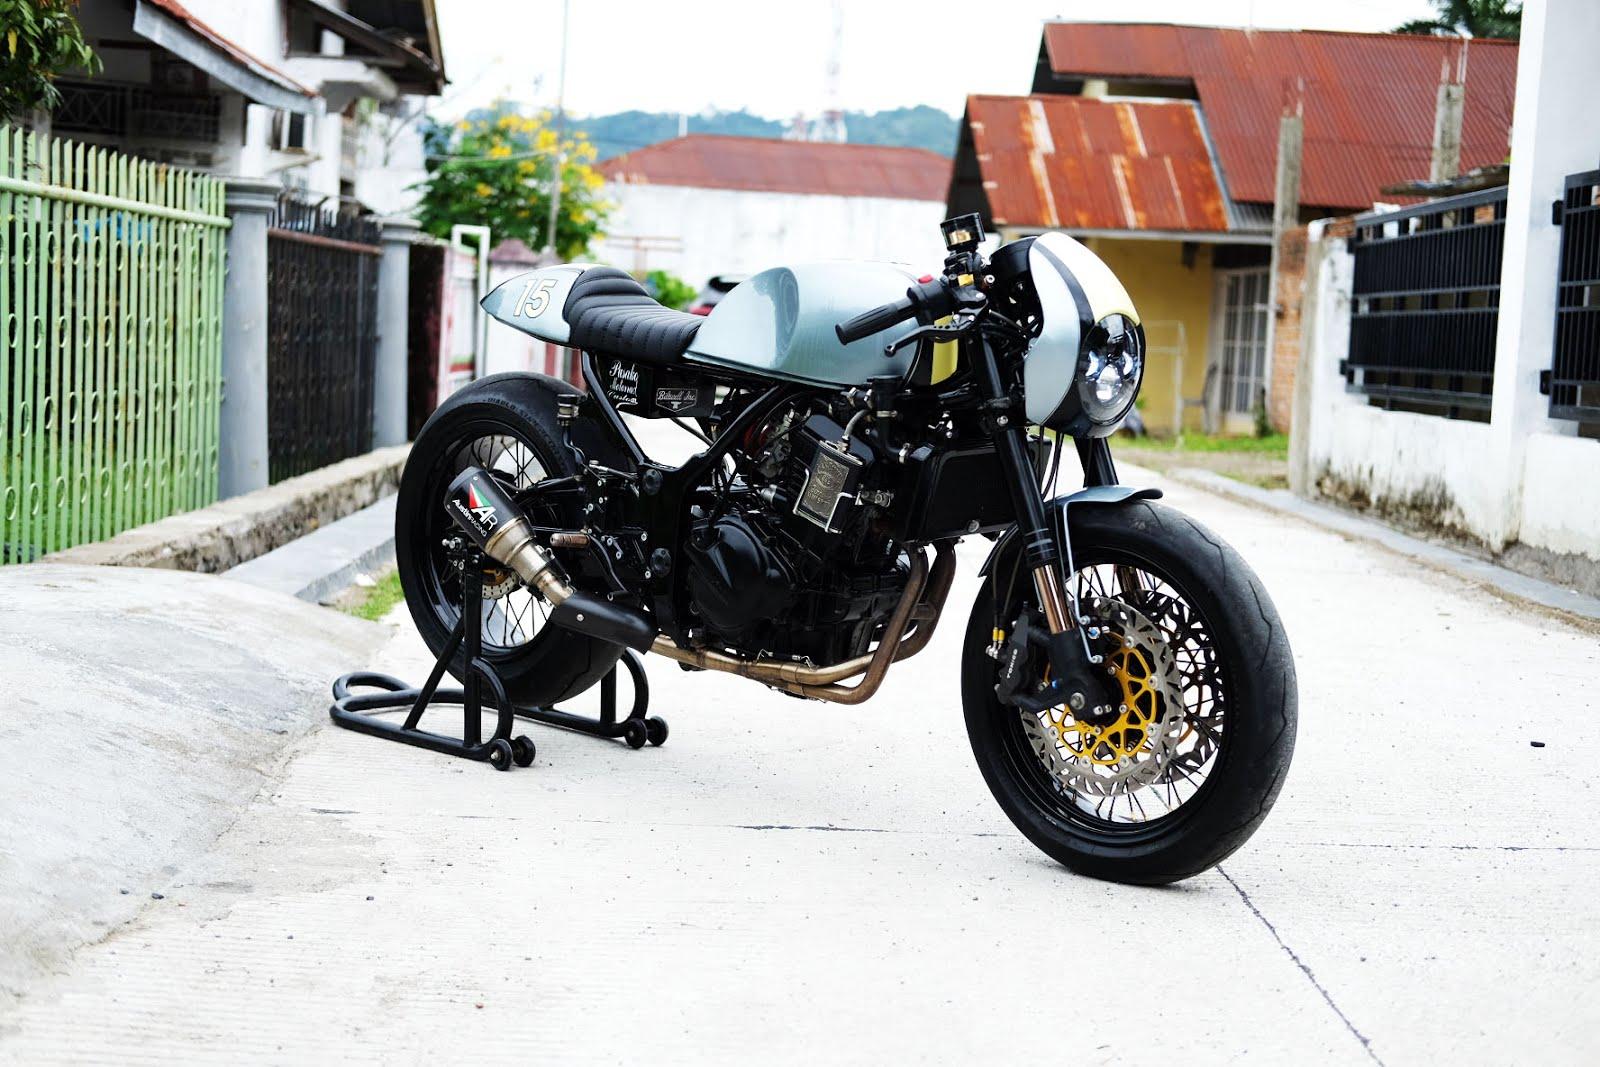 Kawasaki Ninja 250cc Cafe Racer 1